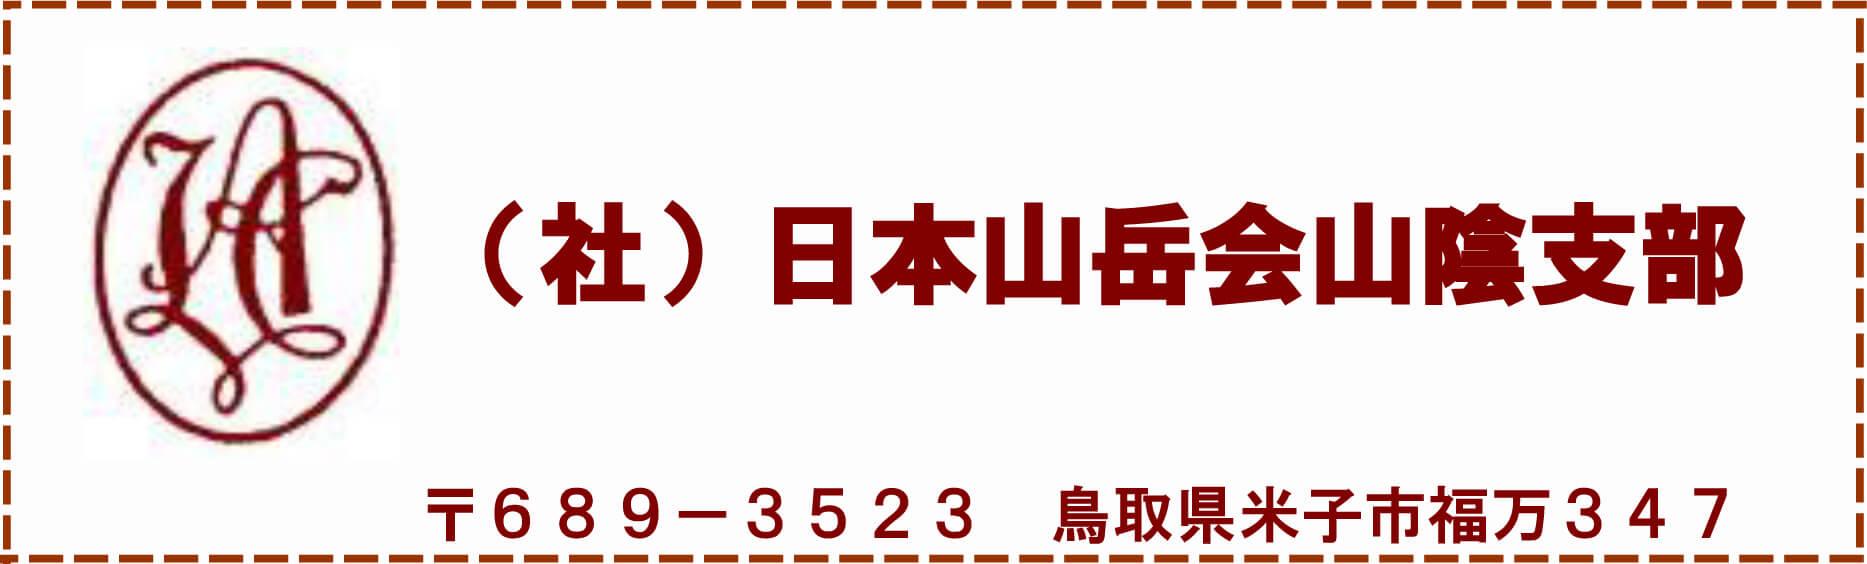 (社)日本山岳会山陰支部